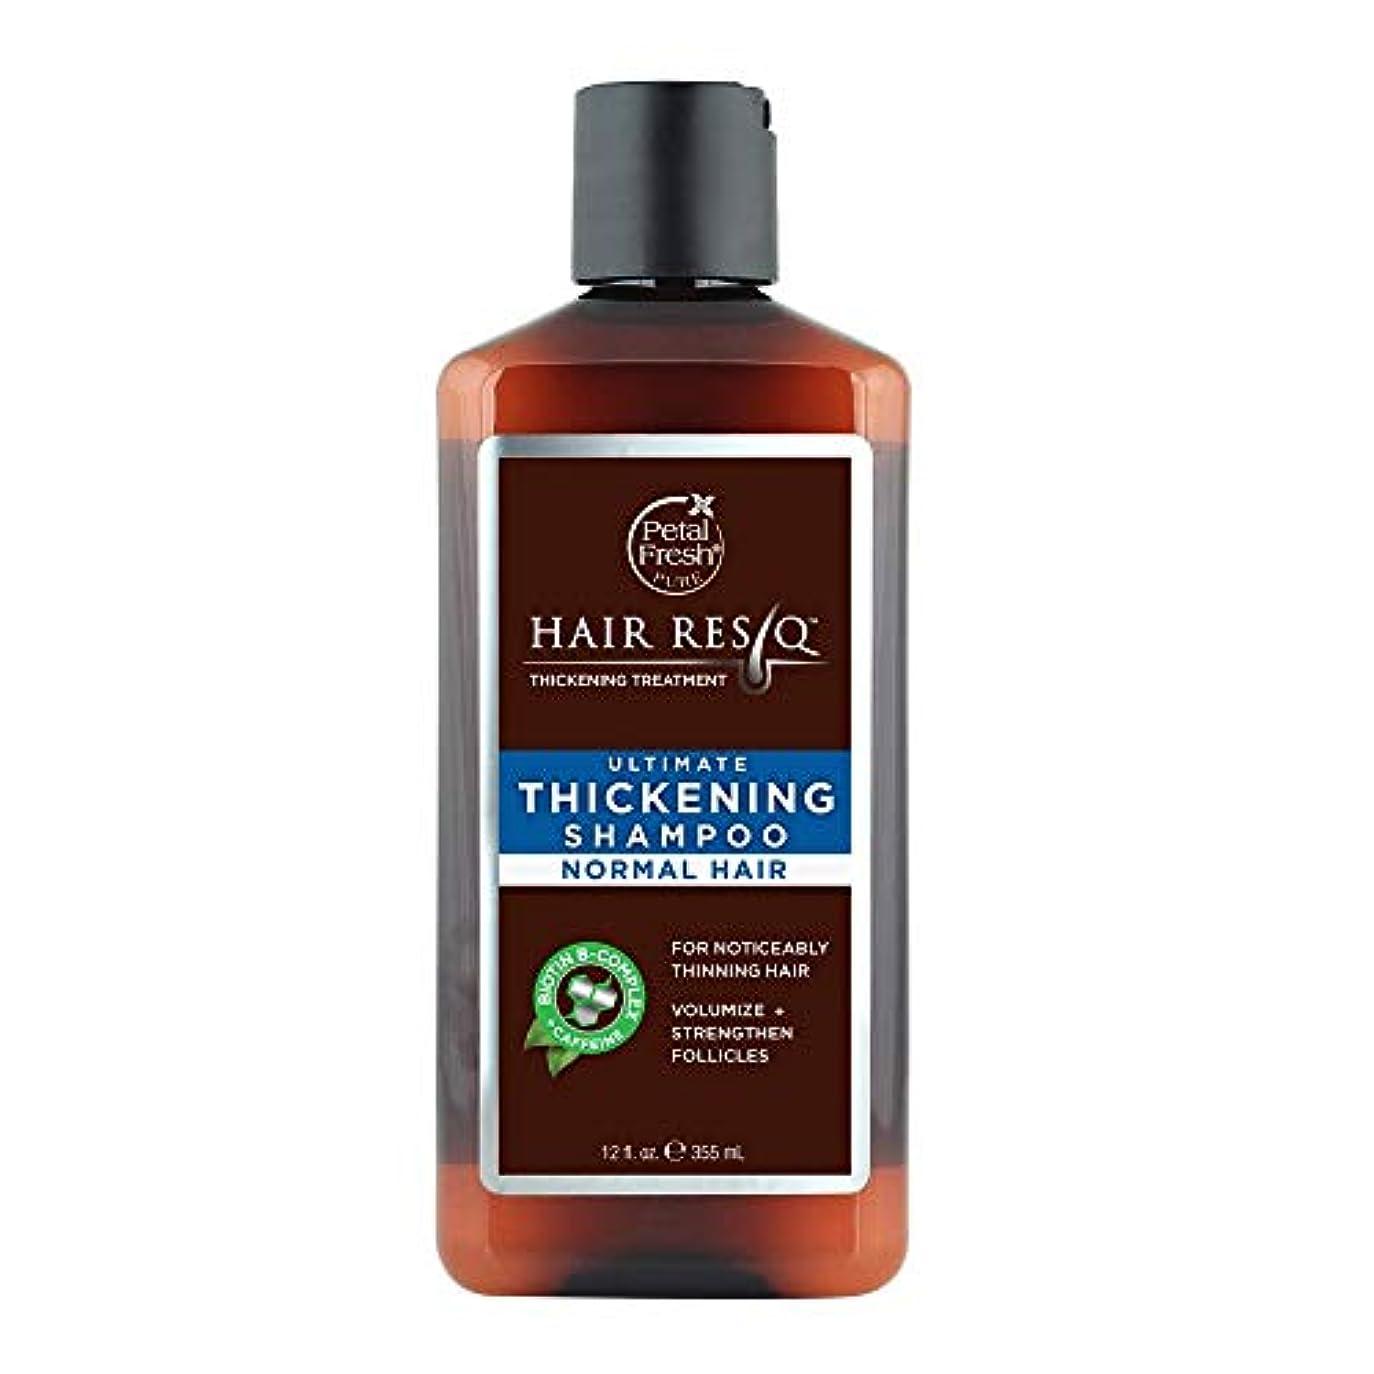 計算可能交響曲特徴Petal Fresh ペタルフレッシュ ピュア 強く太く健康的な髪する シャンプー 12 fl oz (355 ml) [並行輸入品]